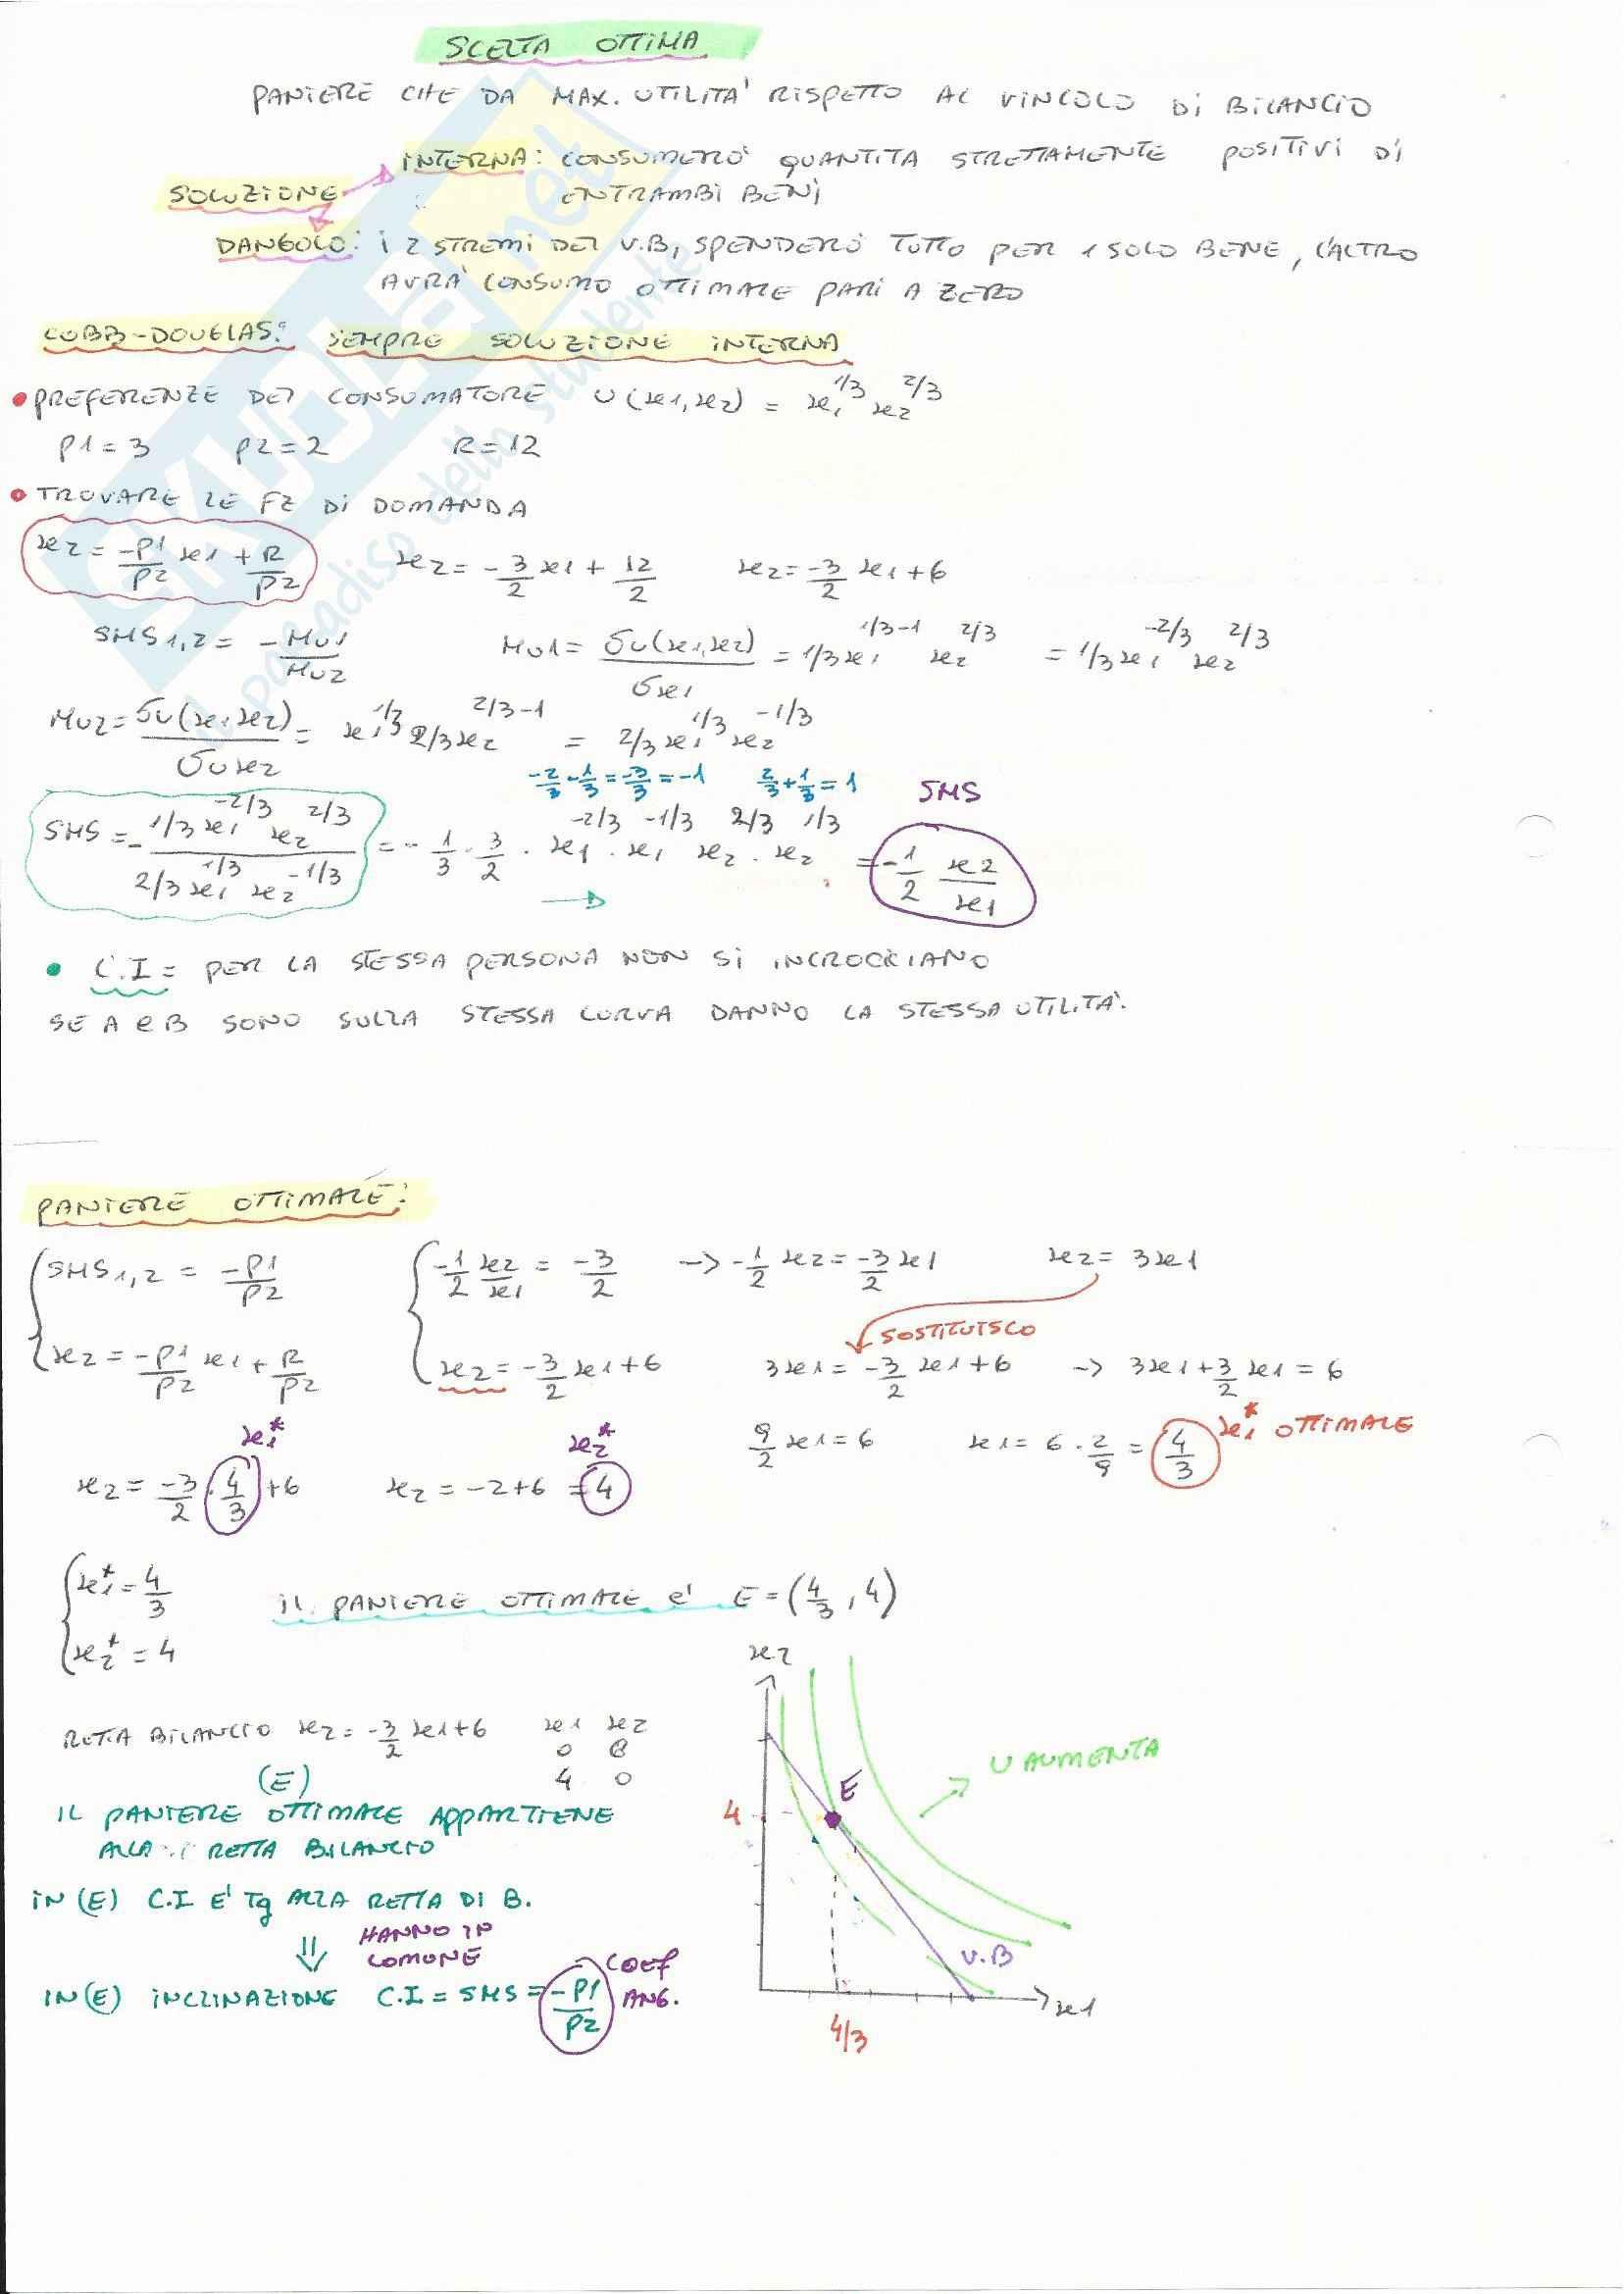 Teorie e esercitazioni su microeconomia,  Economia politica Pag. 51